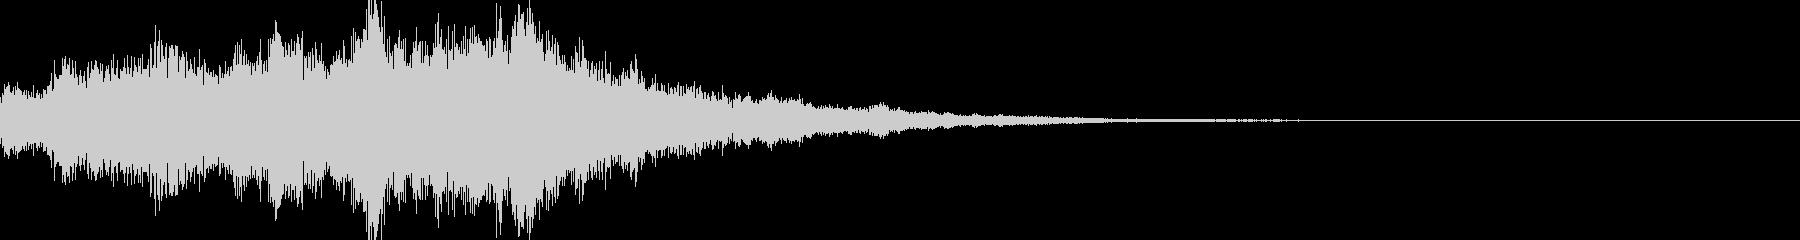 サウンドロゴ38_シンセDUの未再生の波形